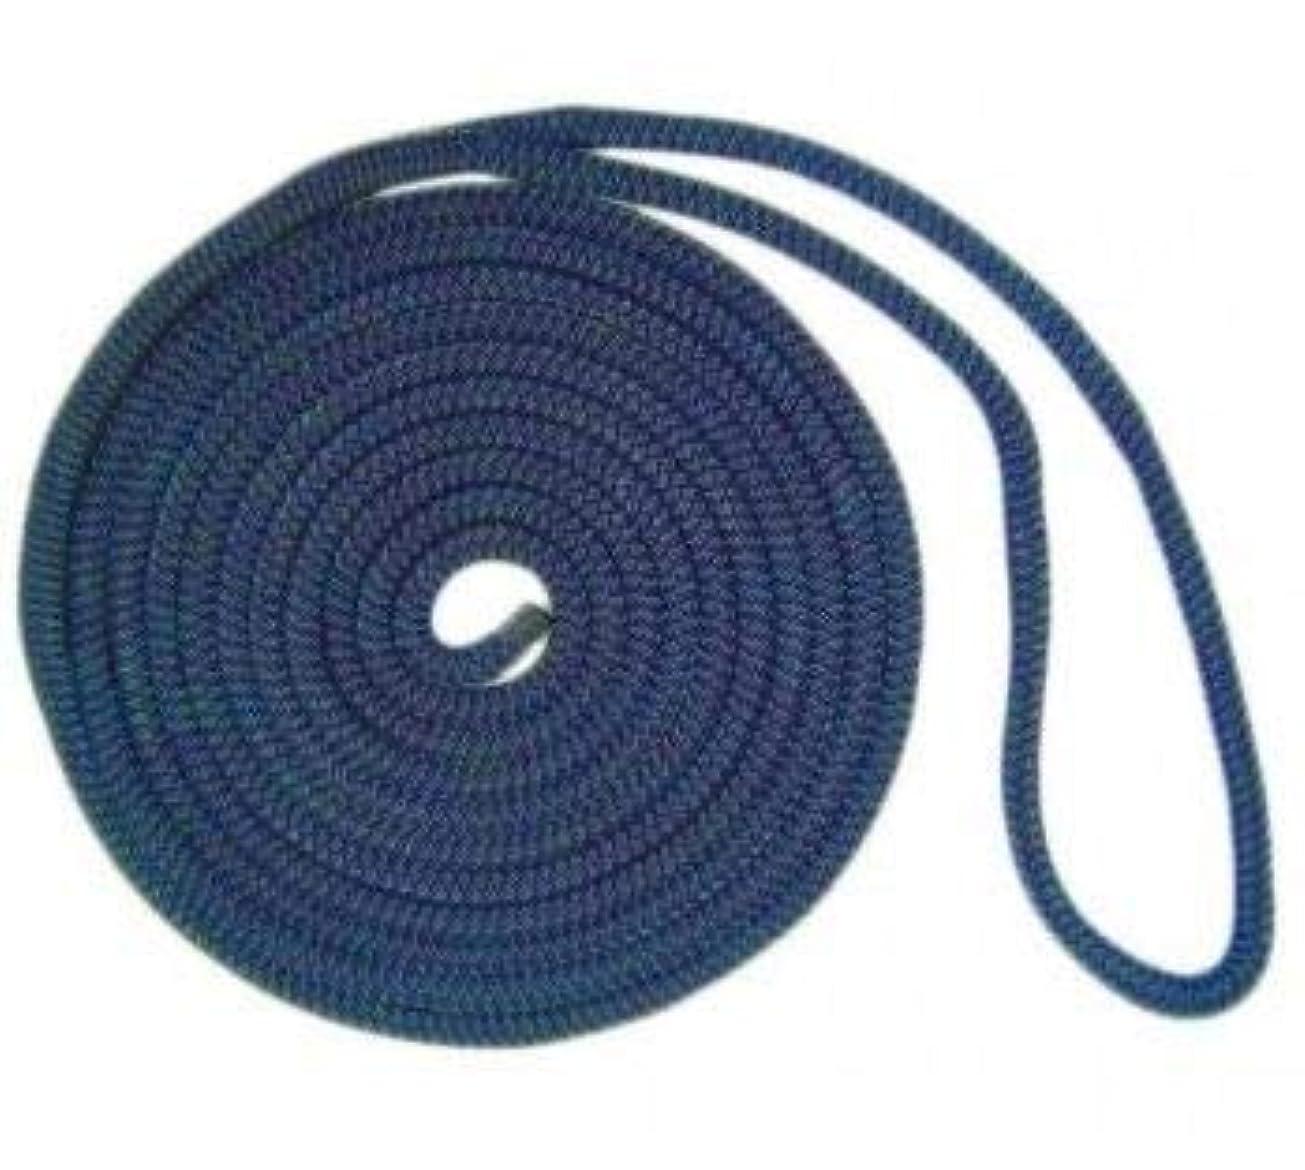 風素敵な繁栄するUS Ropes ナイロンダブル編みドックライン 1/2インチ x 20フィート ネイビー